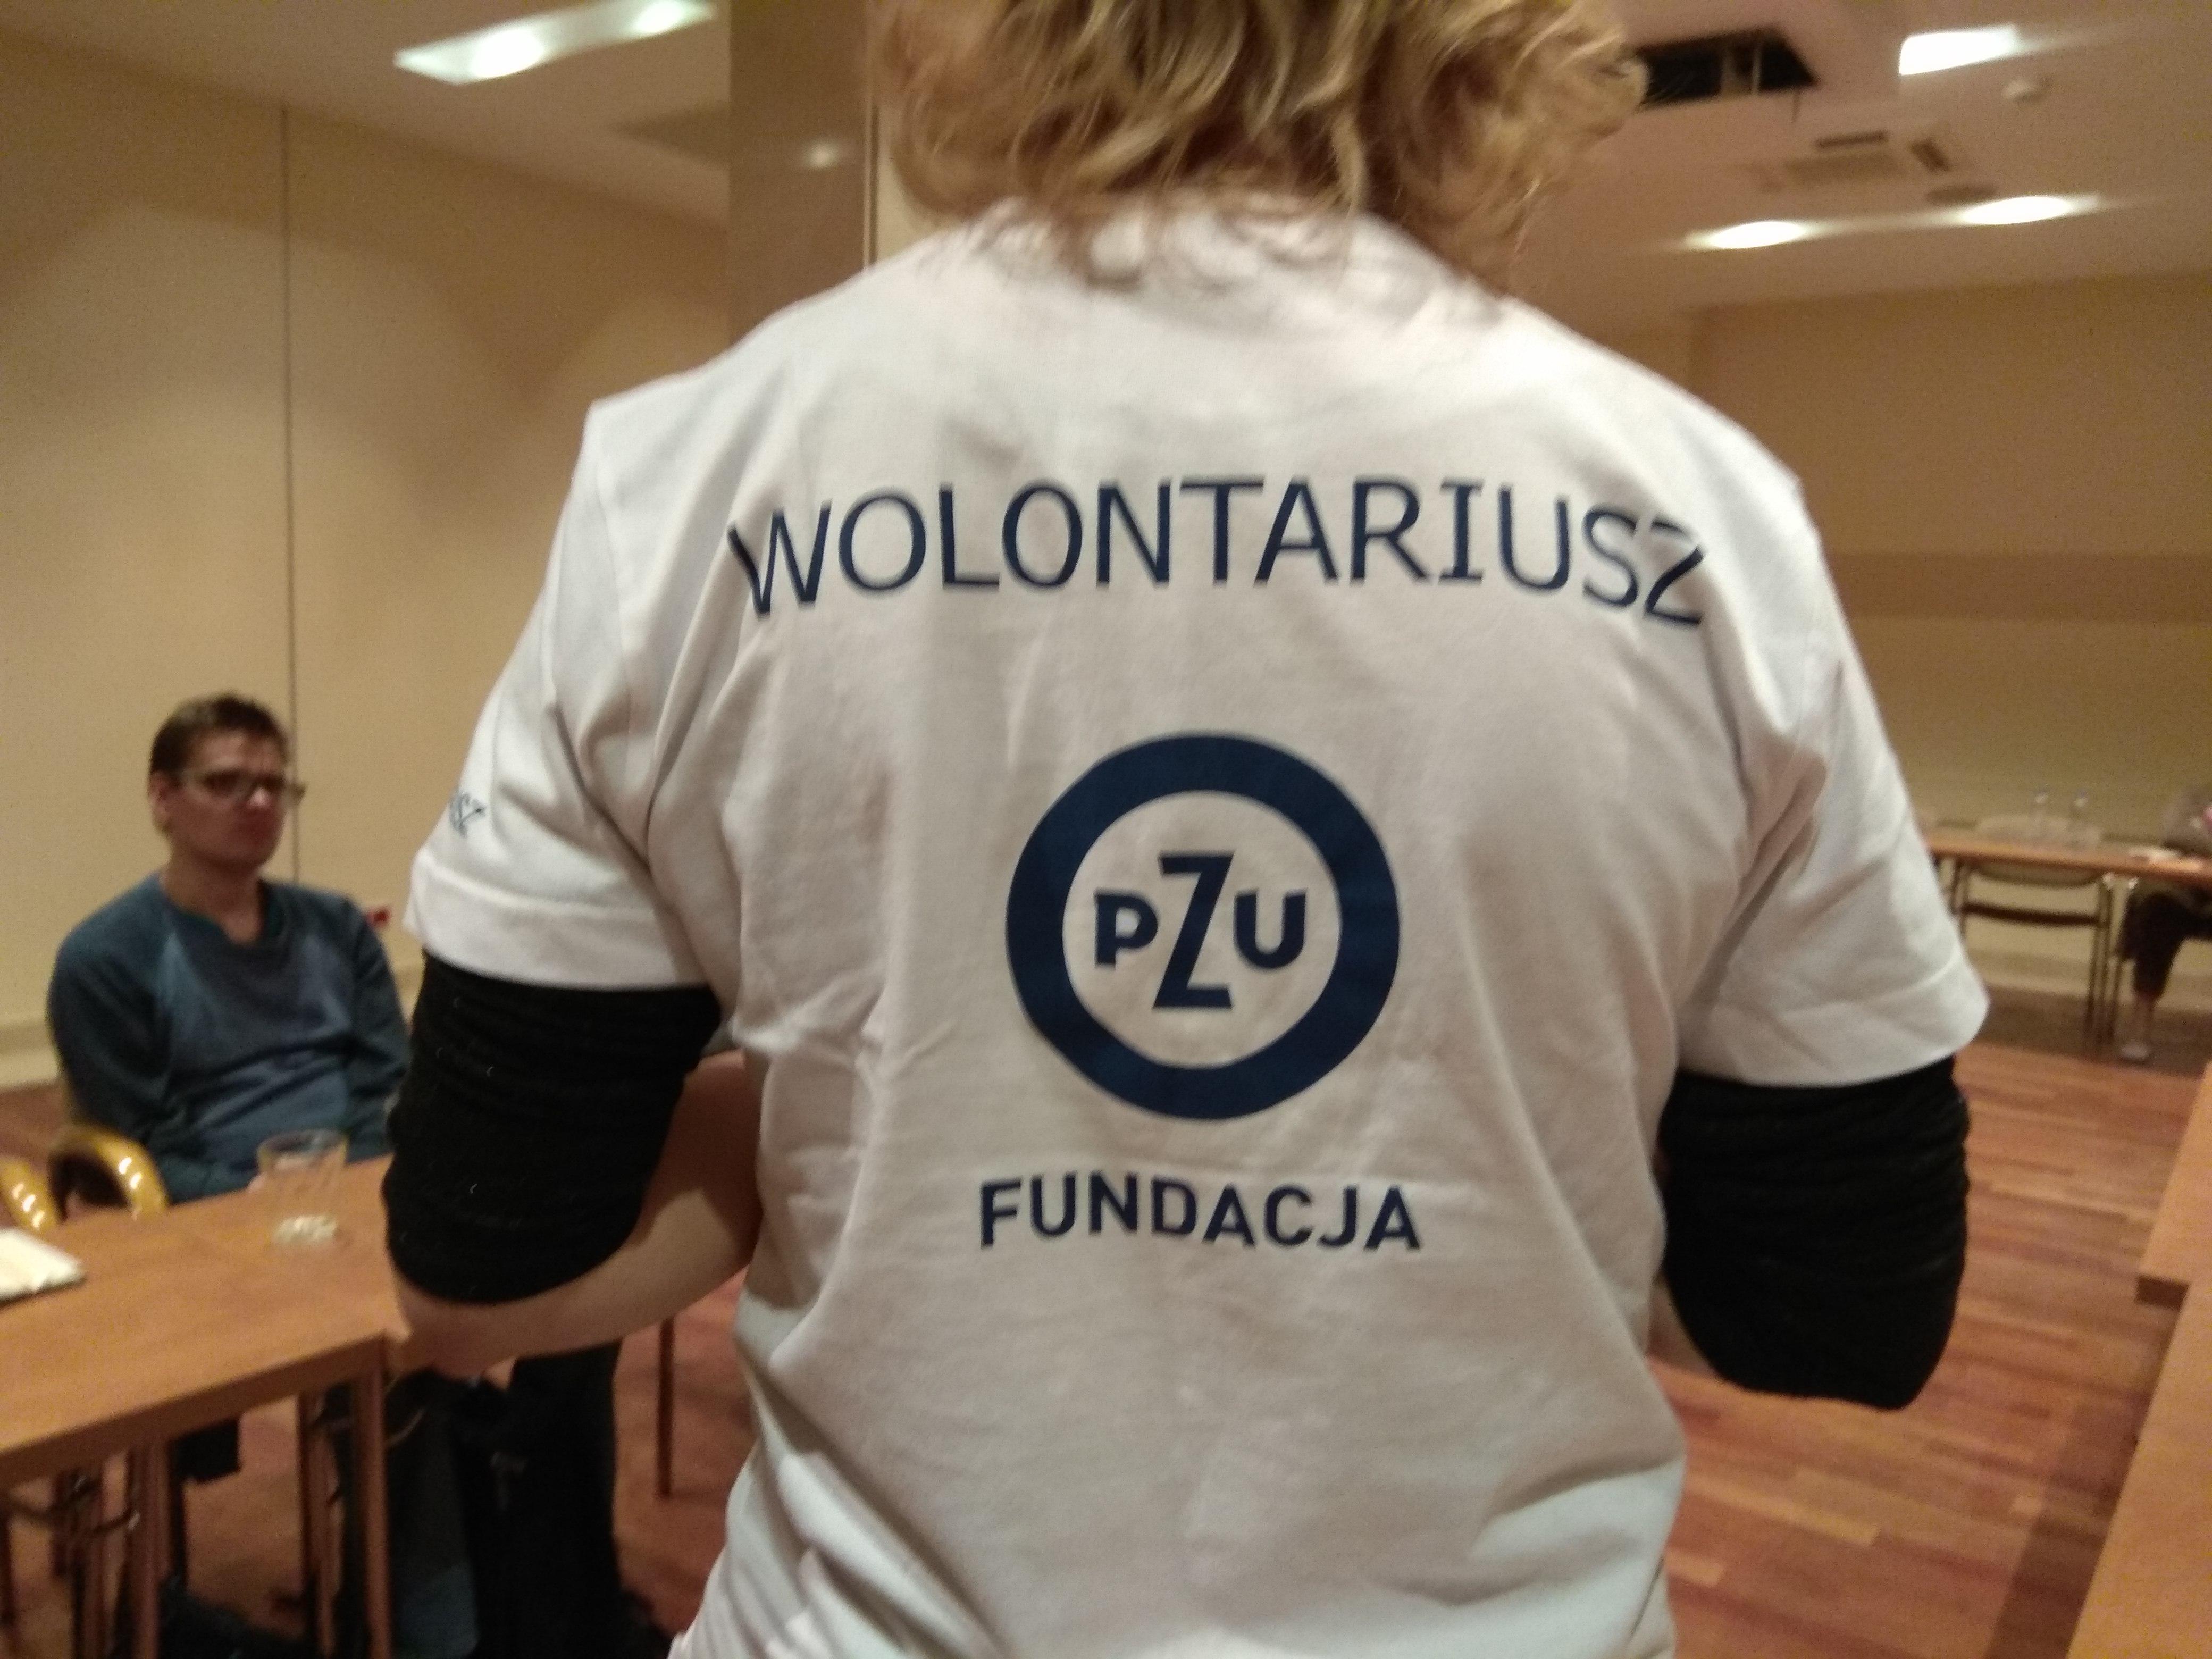 W zbliżeniu widziana od tyłu pani w białej koszulce z krótkim rękawem, pod nim widoczne długie czarne rękawy, na koszulce napis Wolontariusz, pod nim okrągłe logo z napisem w środku PZU, a pod logo hasło Fundacja  PZU.